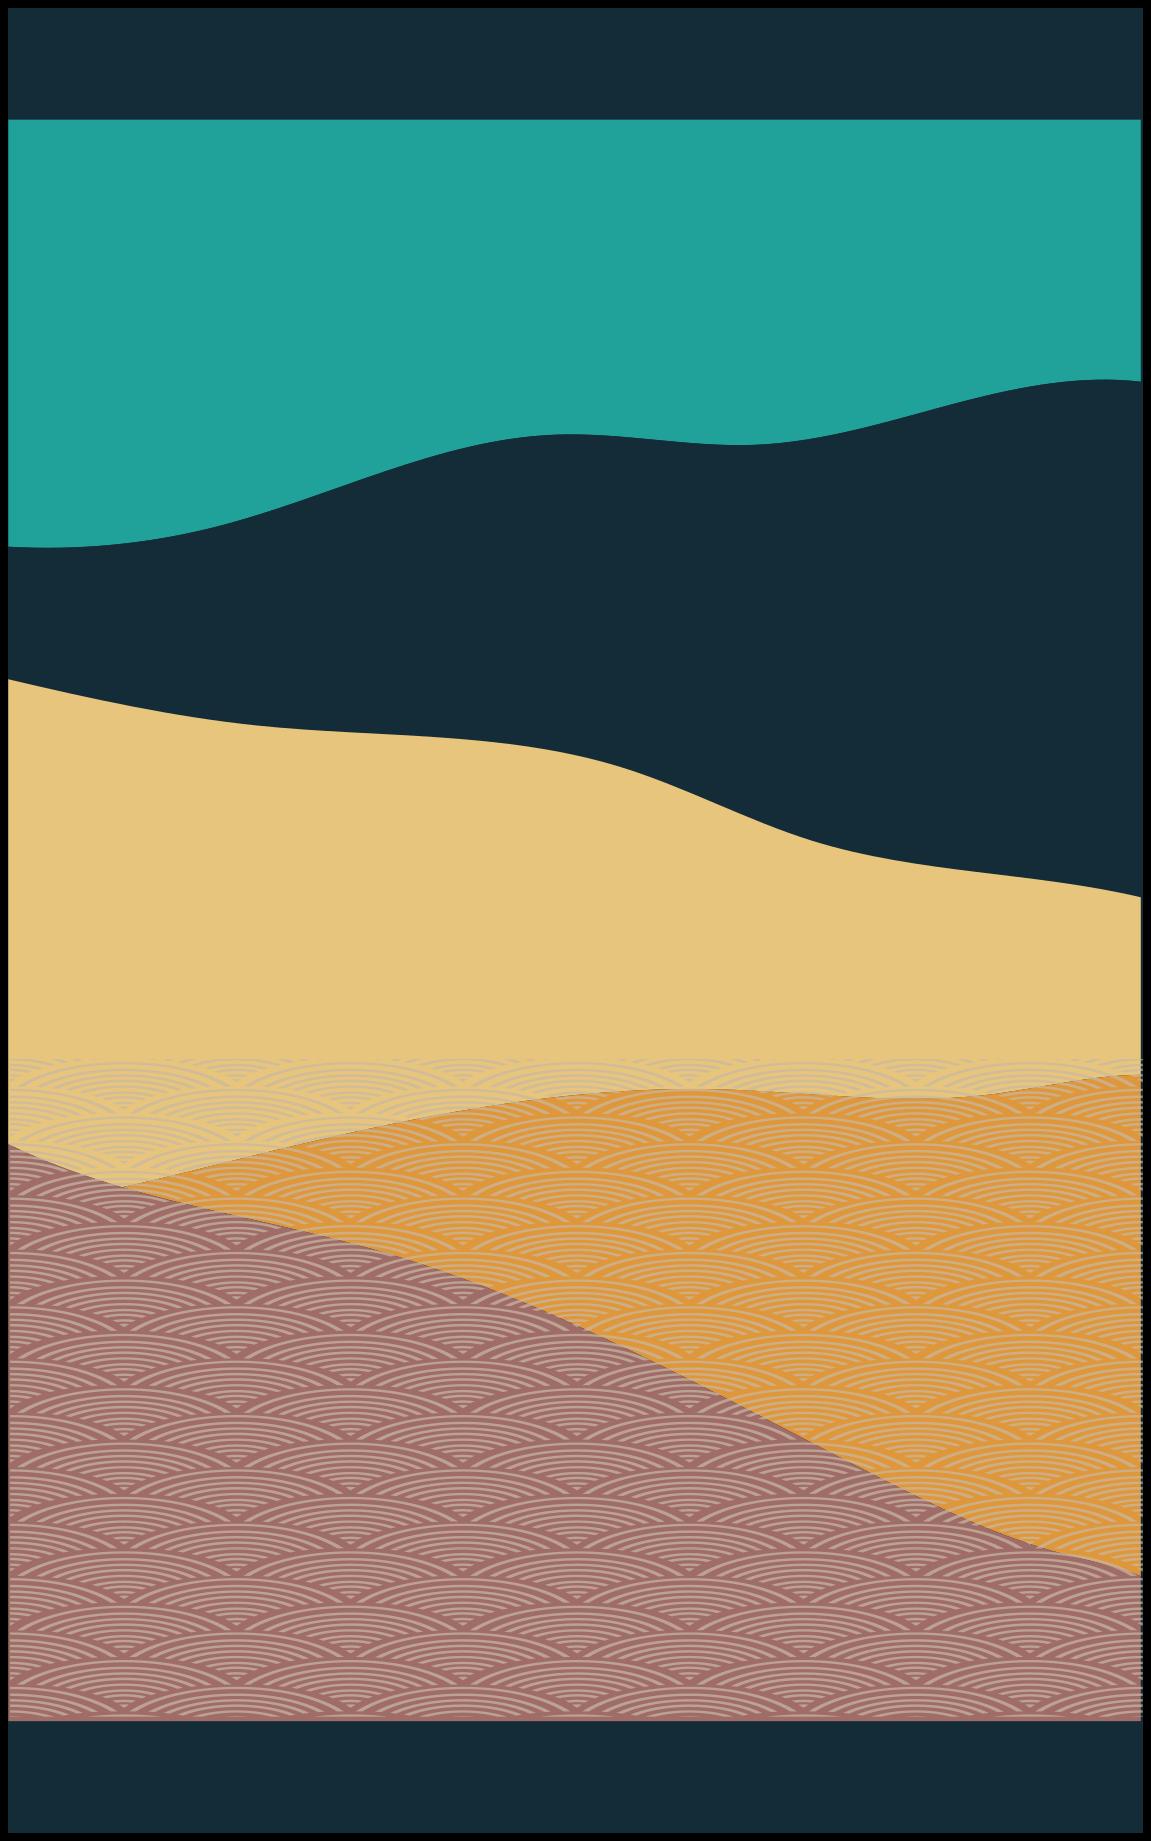 Tenstickers. Abstrakta samtida mattor. Superabstrakt bergsvinylmatta i fin form för entréområdet och annan inredning i ett hus. En fantastisk vinylmatta som du köper.